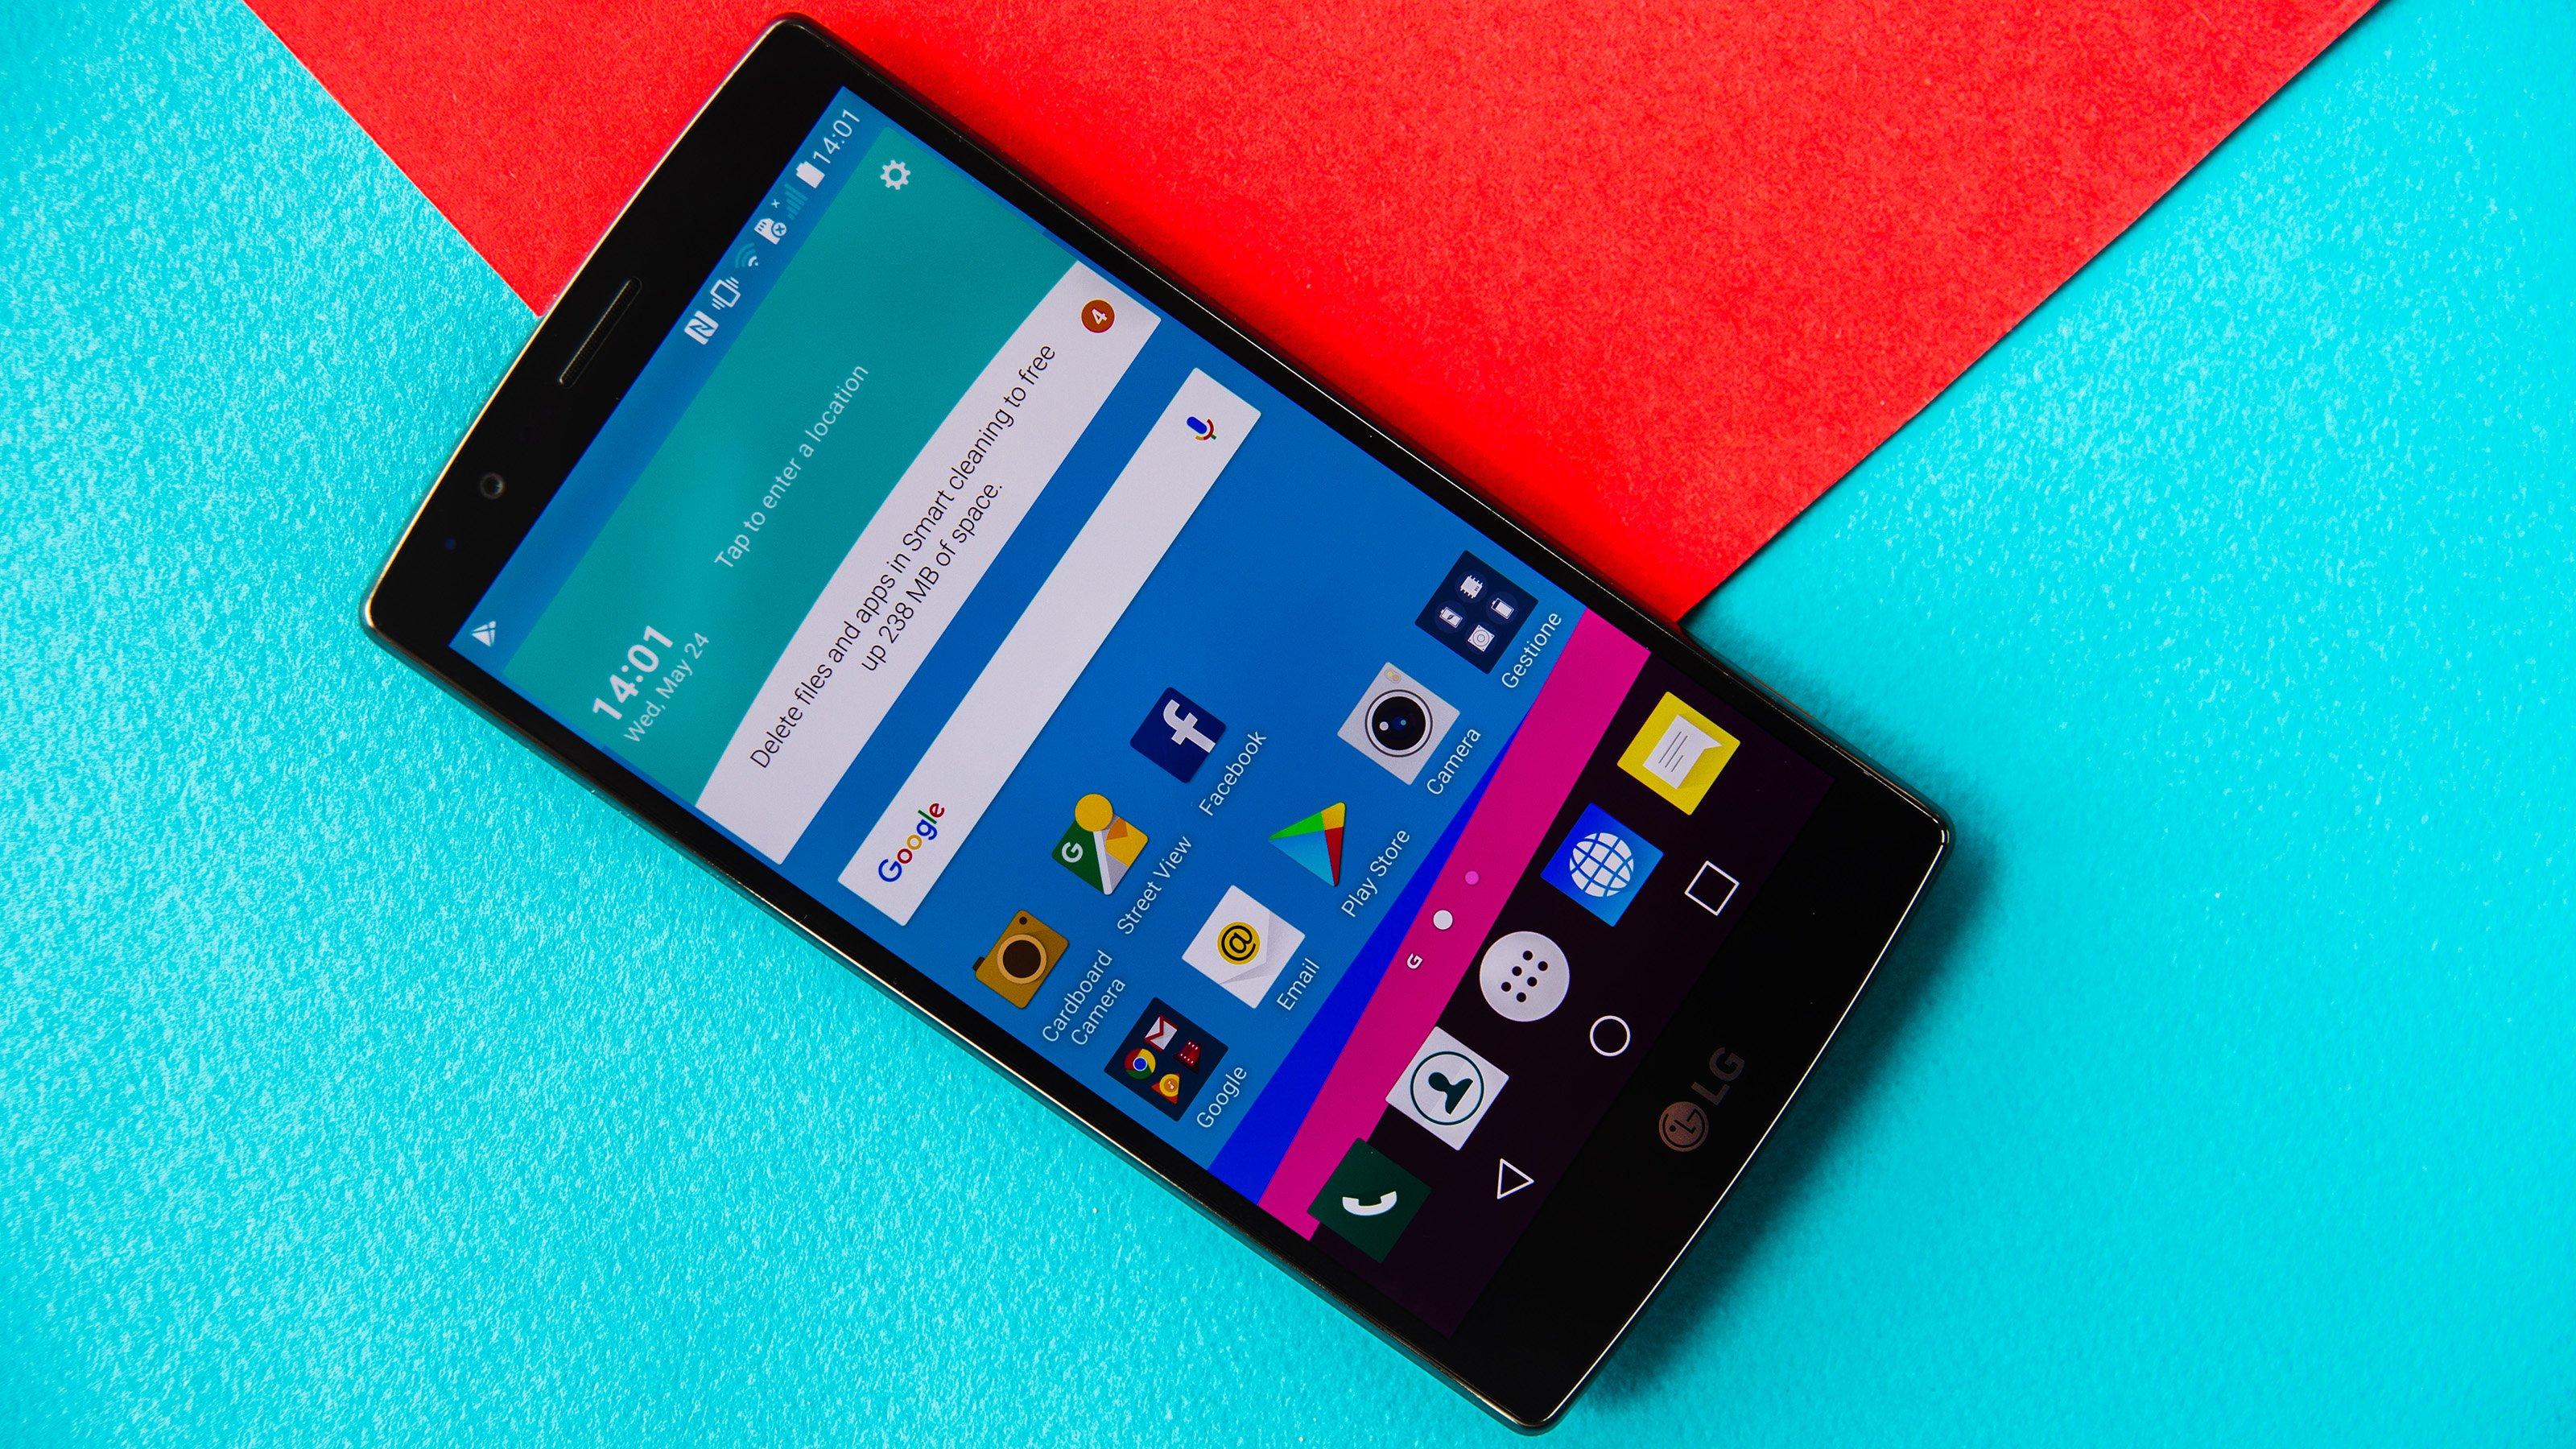 Vaut Il La Peine De Garder Le LG G4